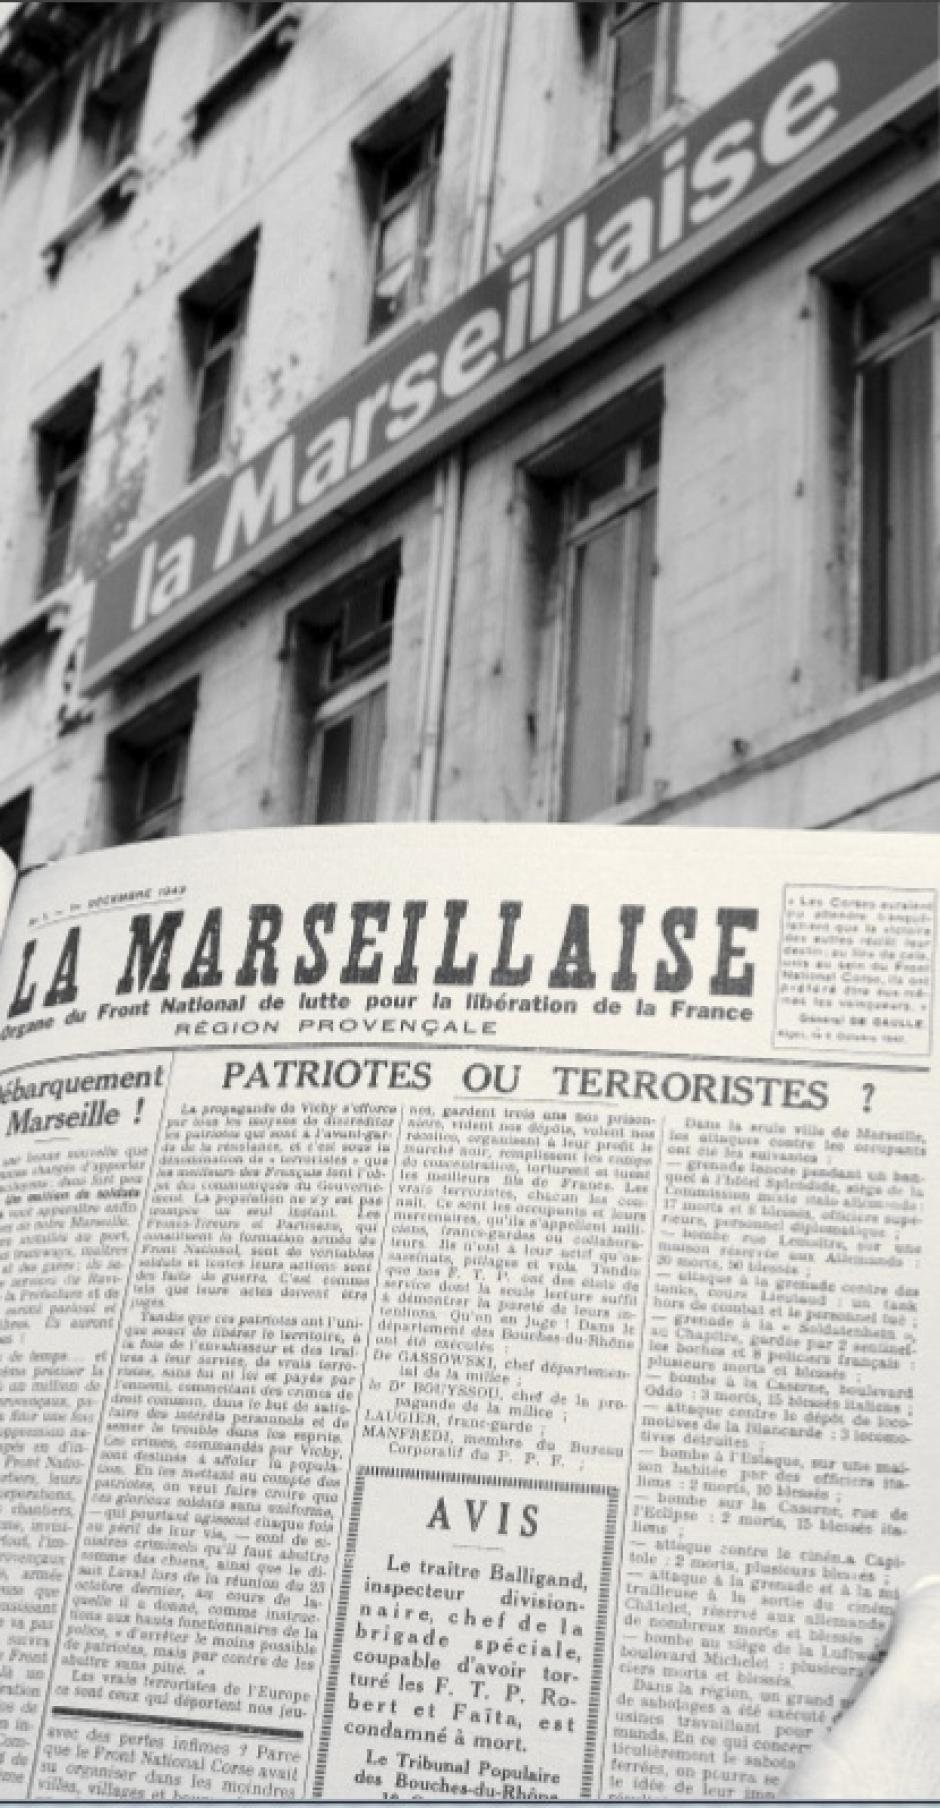 Et La Marseillaise se mit à résister dans l'ombre